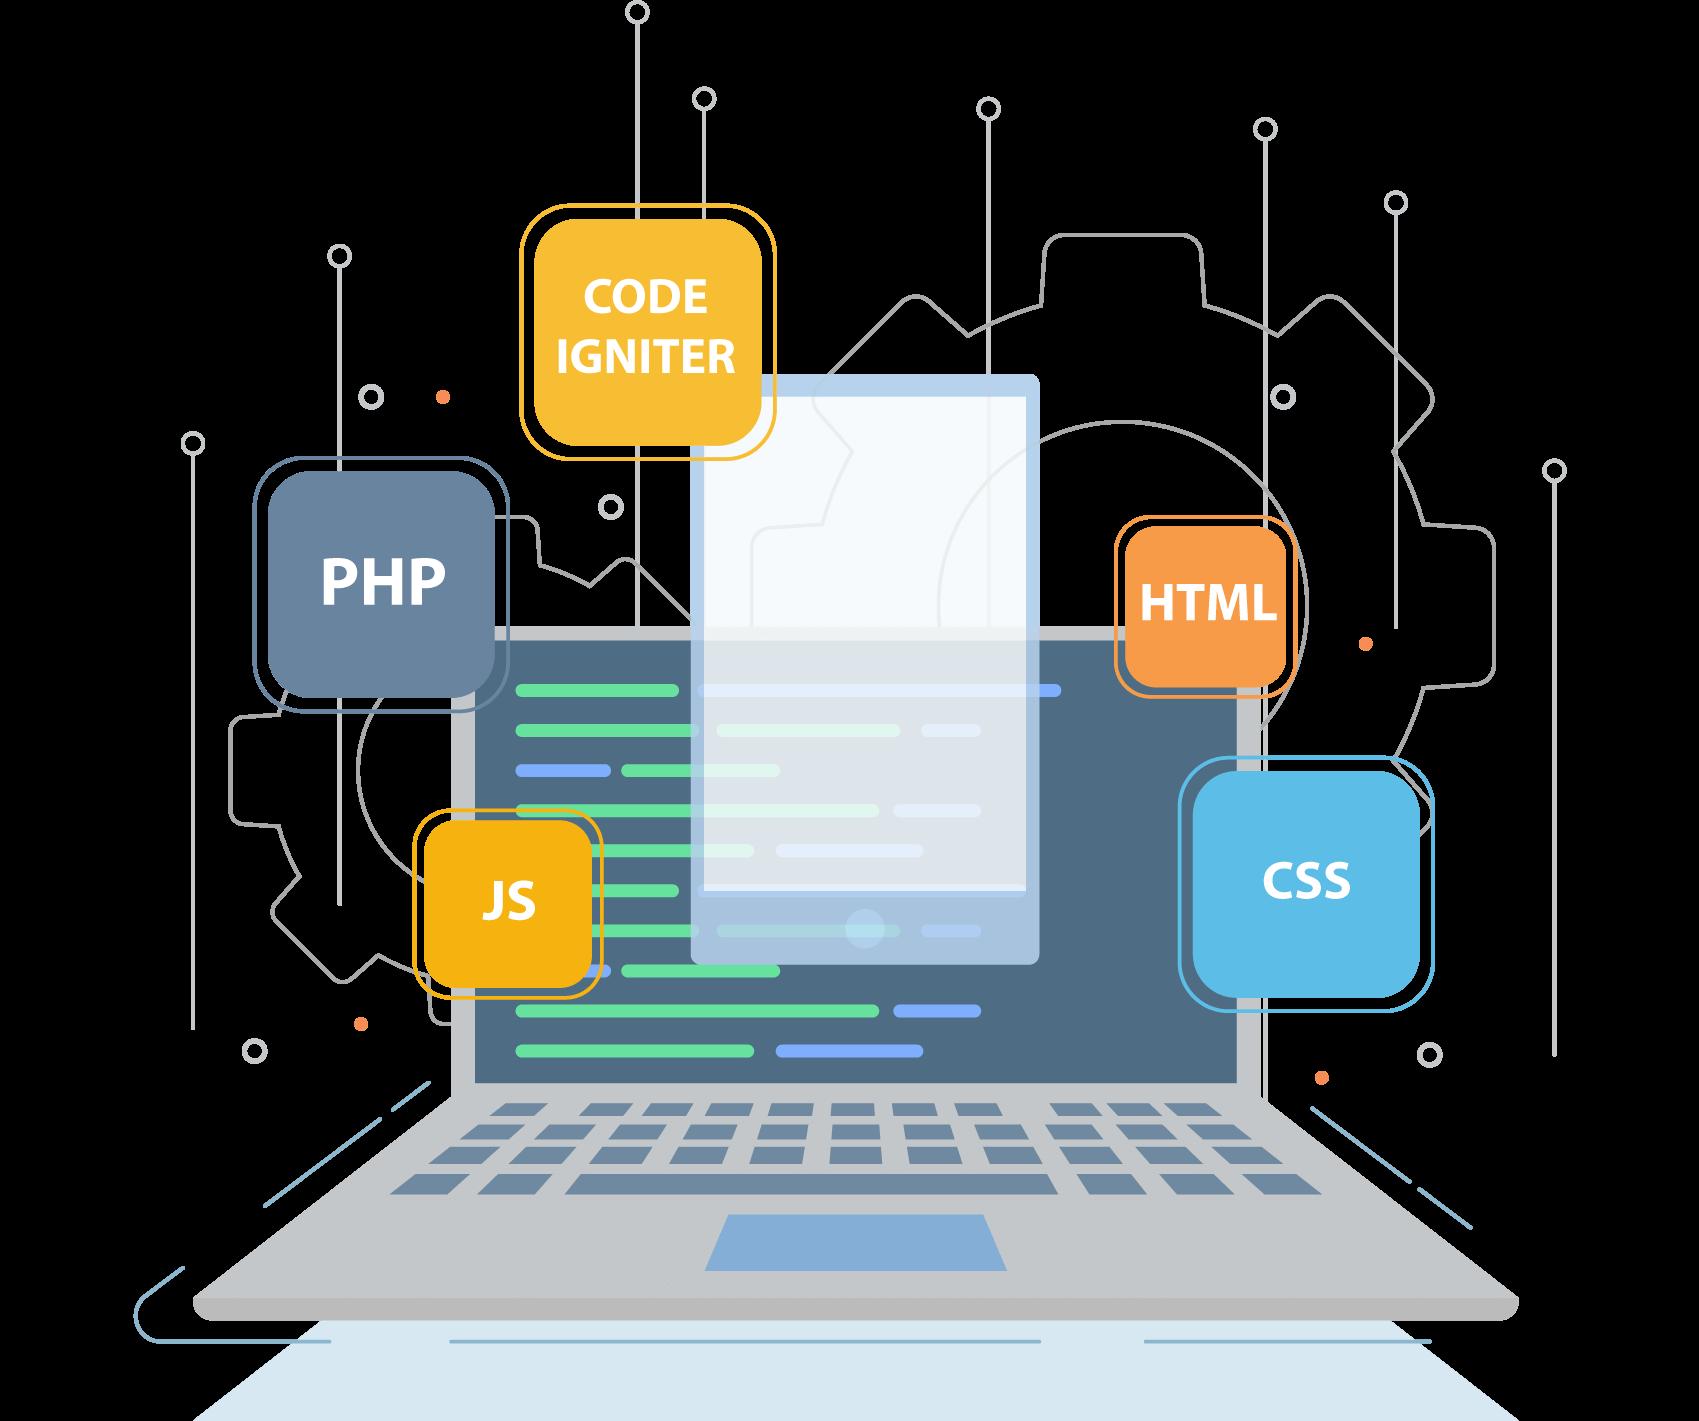 Aplicaciones en PHP-MySQL